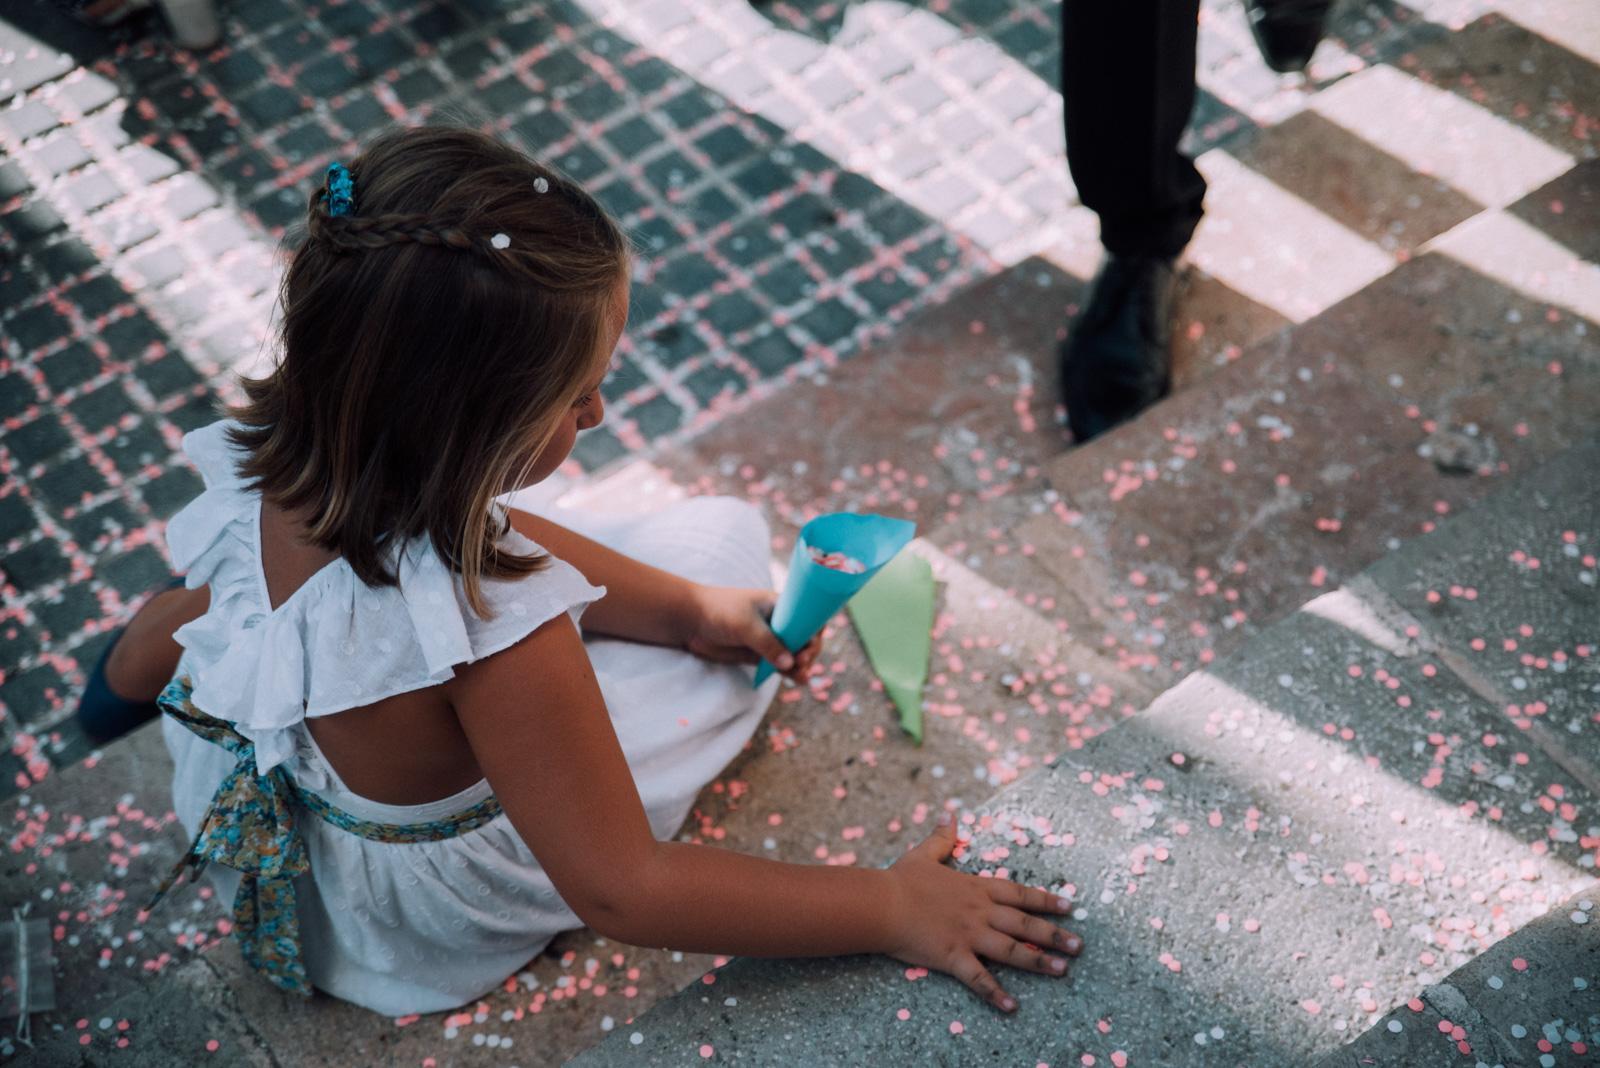 Ana-Javier_20-08-16_LQ_-229.jpg